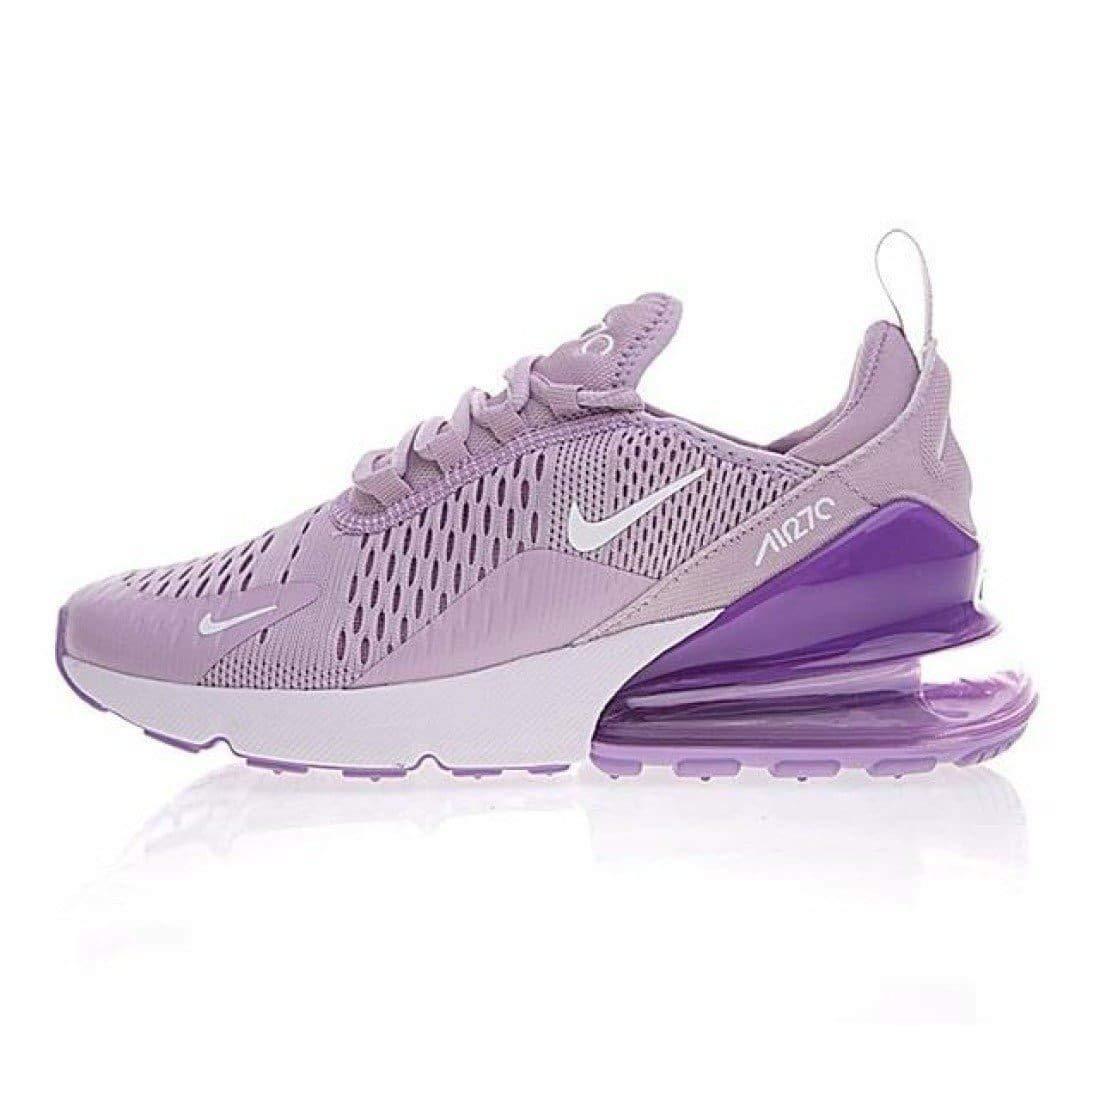 Finde den idealen Herren Schuhe Nike Air Max 270 Weiß AH8050